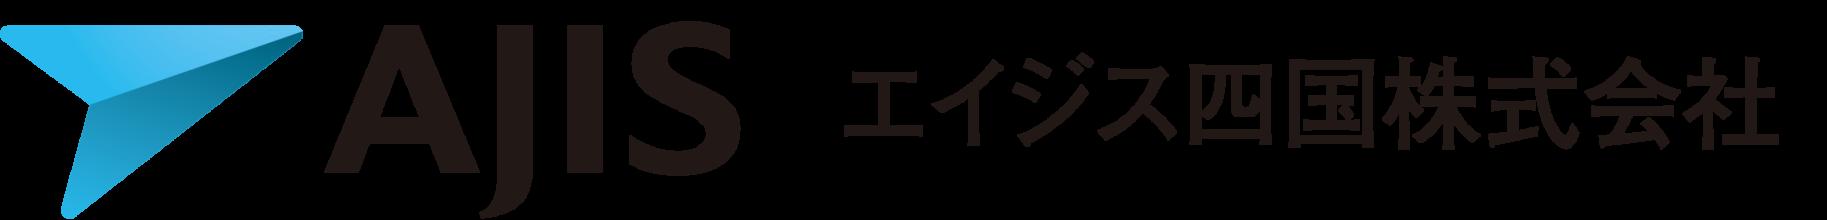 エイジス四国株式会社|リテイルサポート